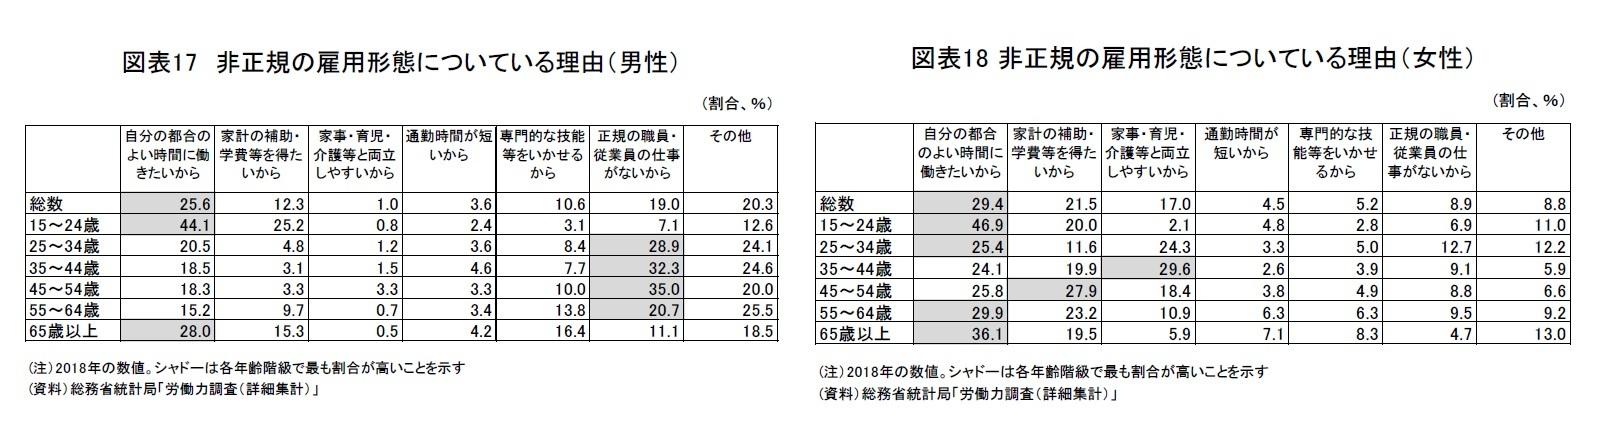 図表17 非正規の雇用形態についている理由(男性)/図表18 非正規の雇用形態についている理由(女性)